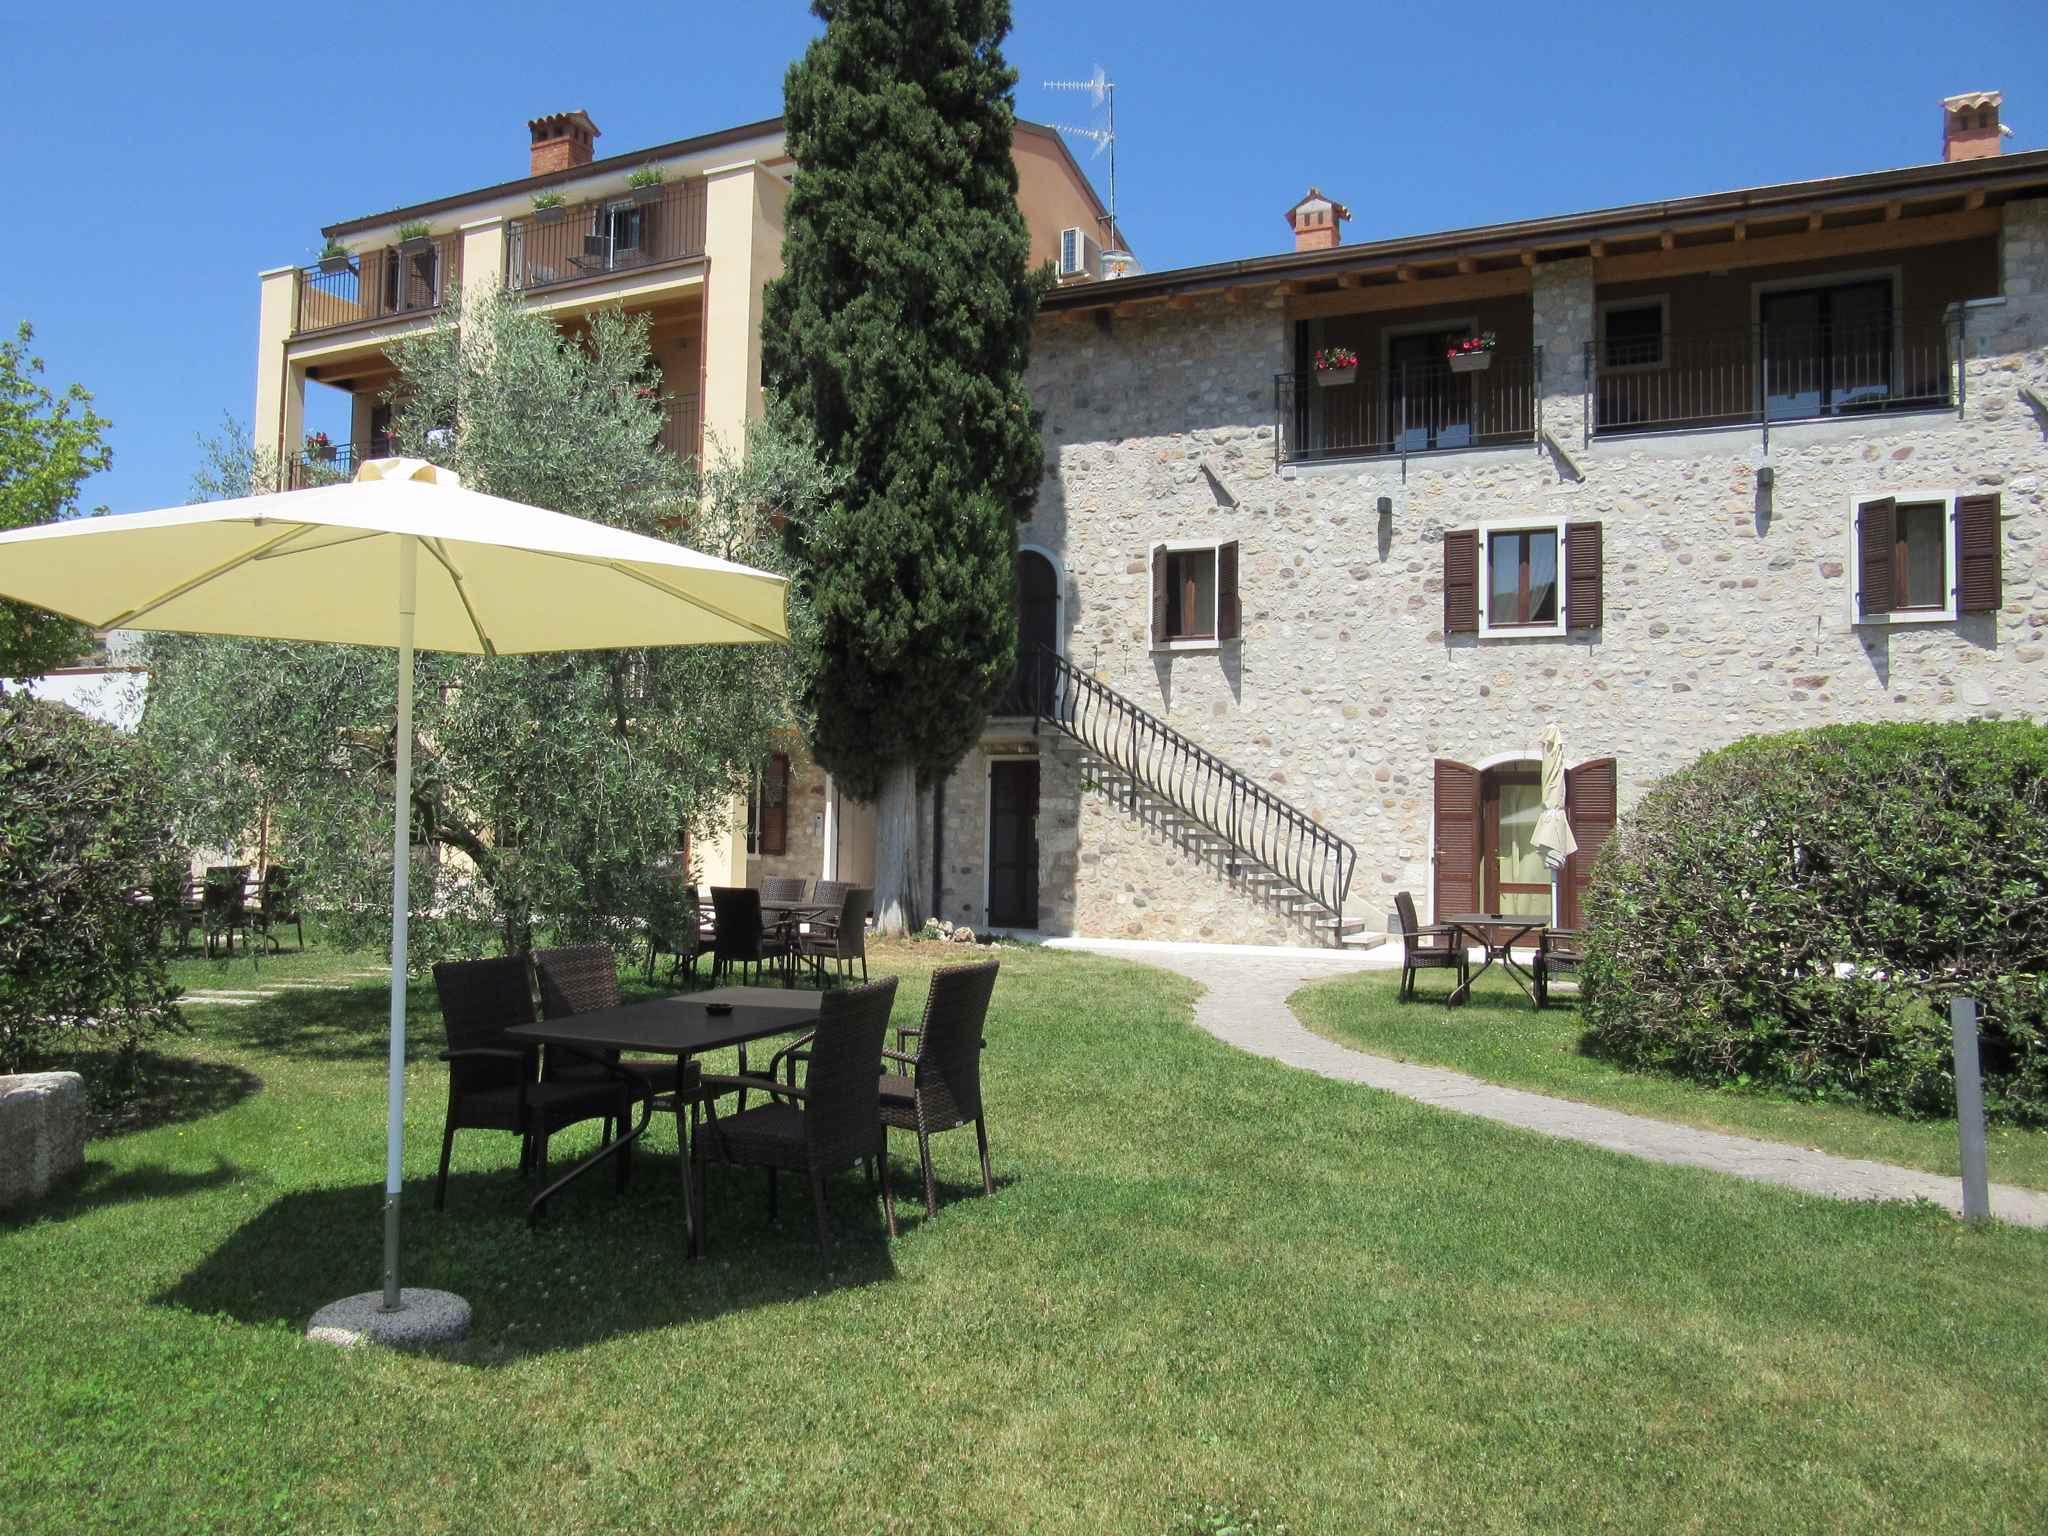 Ferienwohnung mit Balkon (279542), Garda, Gardasee, Venetien, Italien, Bild 10